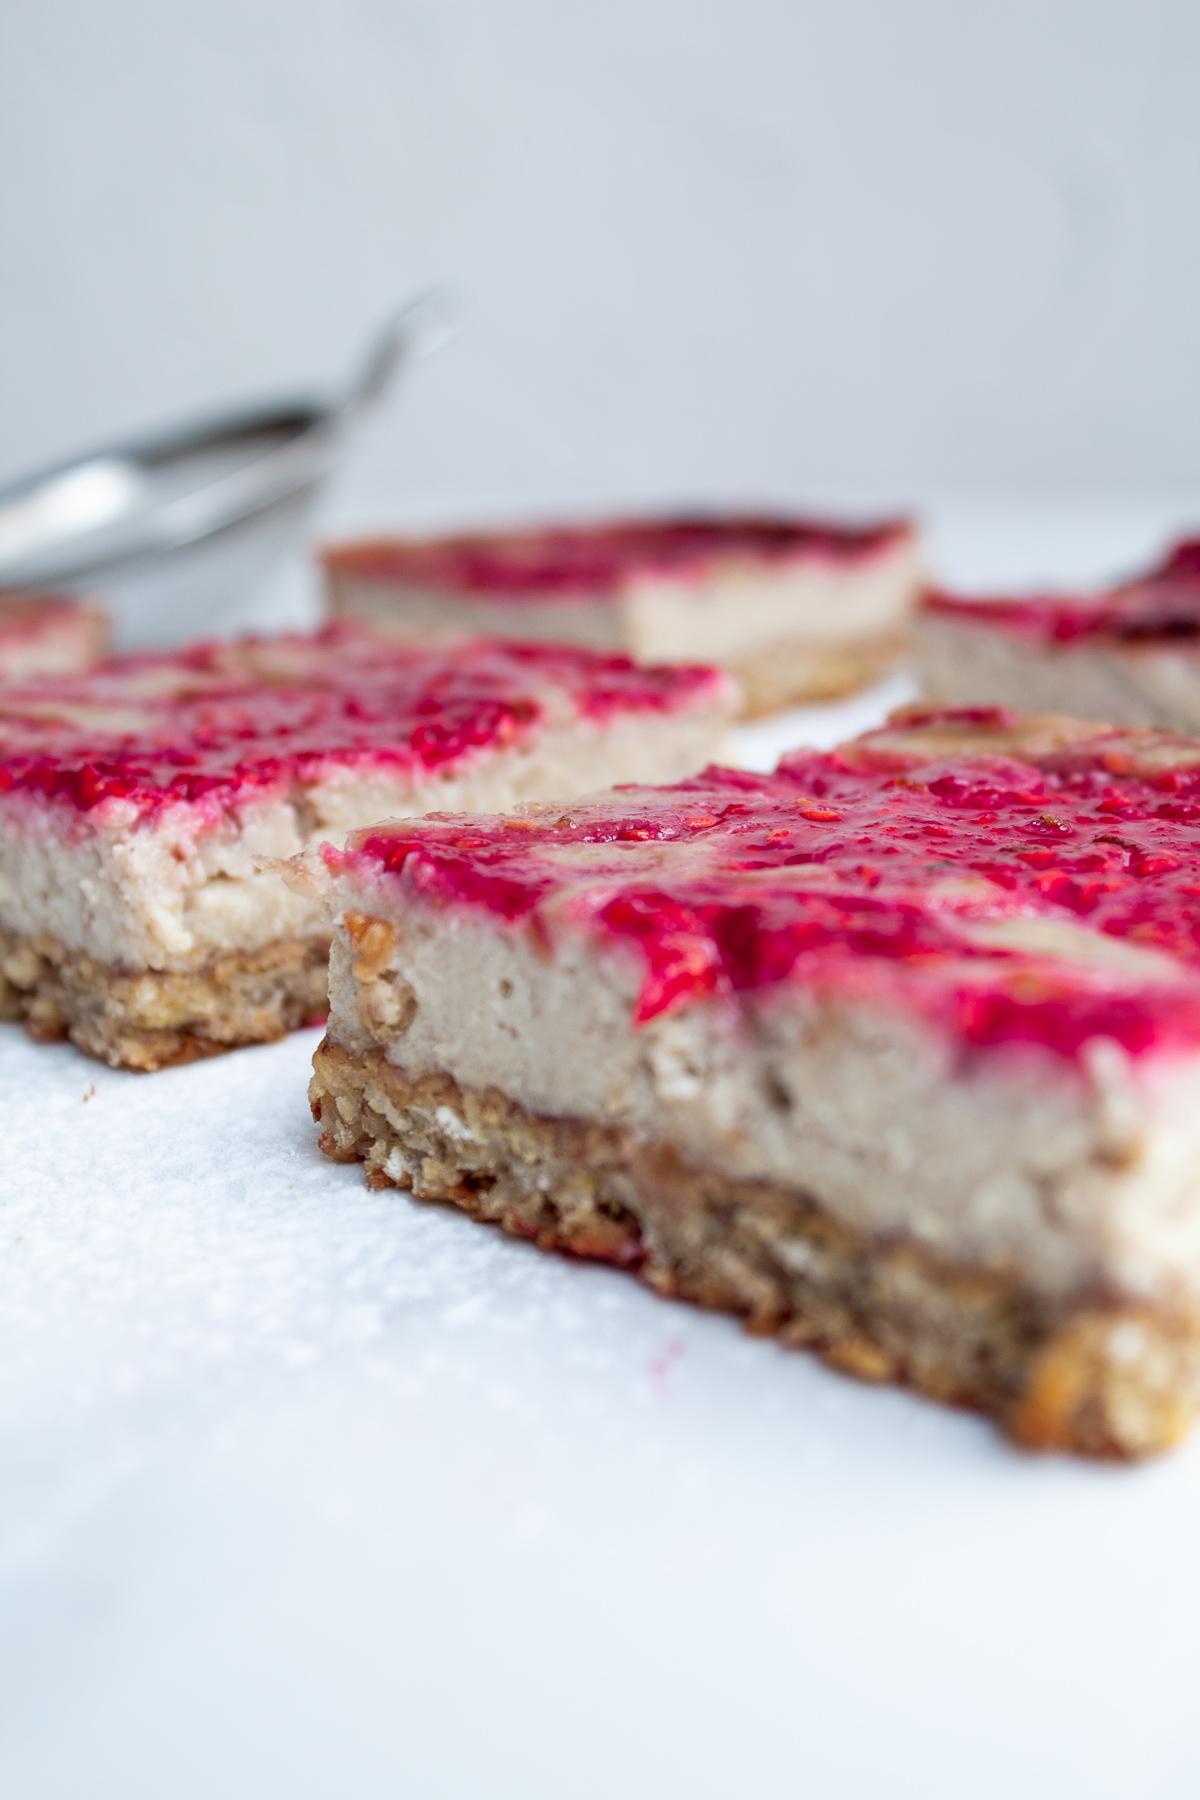 Raspberry Swirl Cheesecake Bars - Naturally-Sweetened